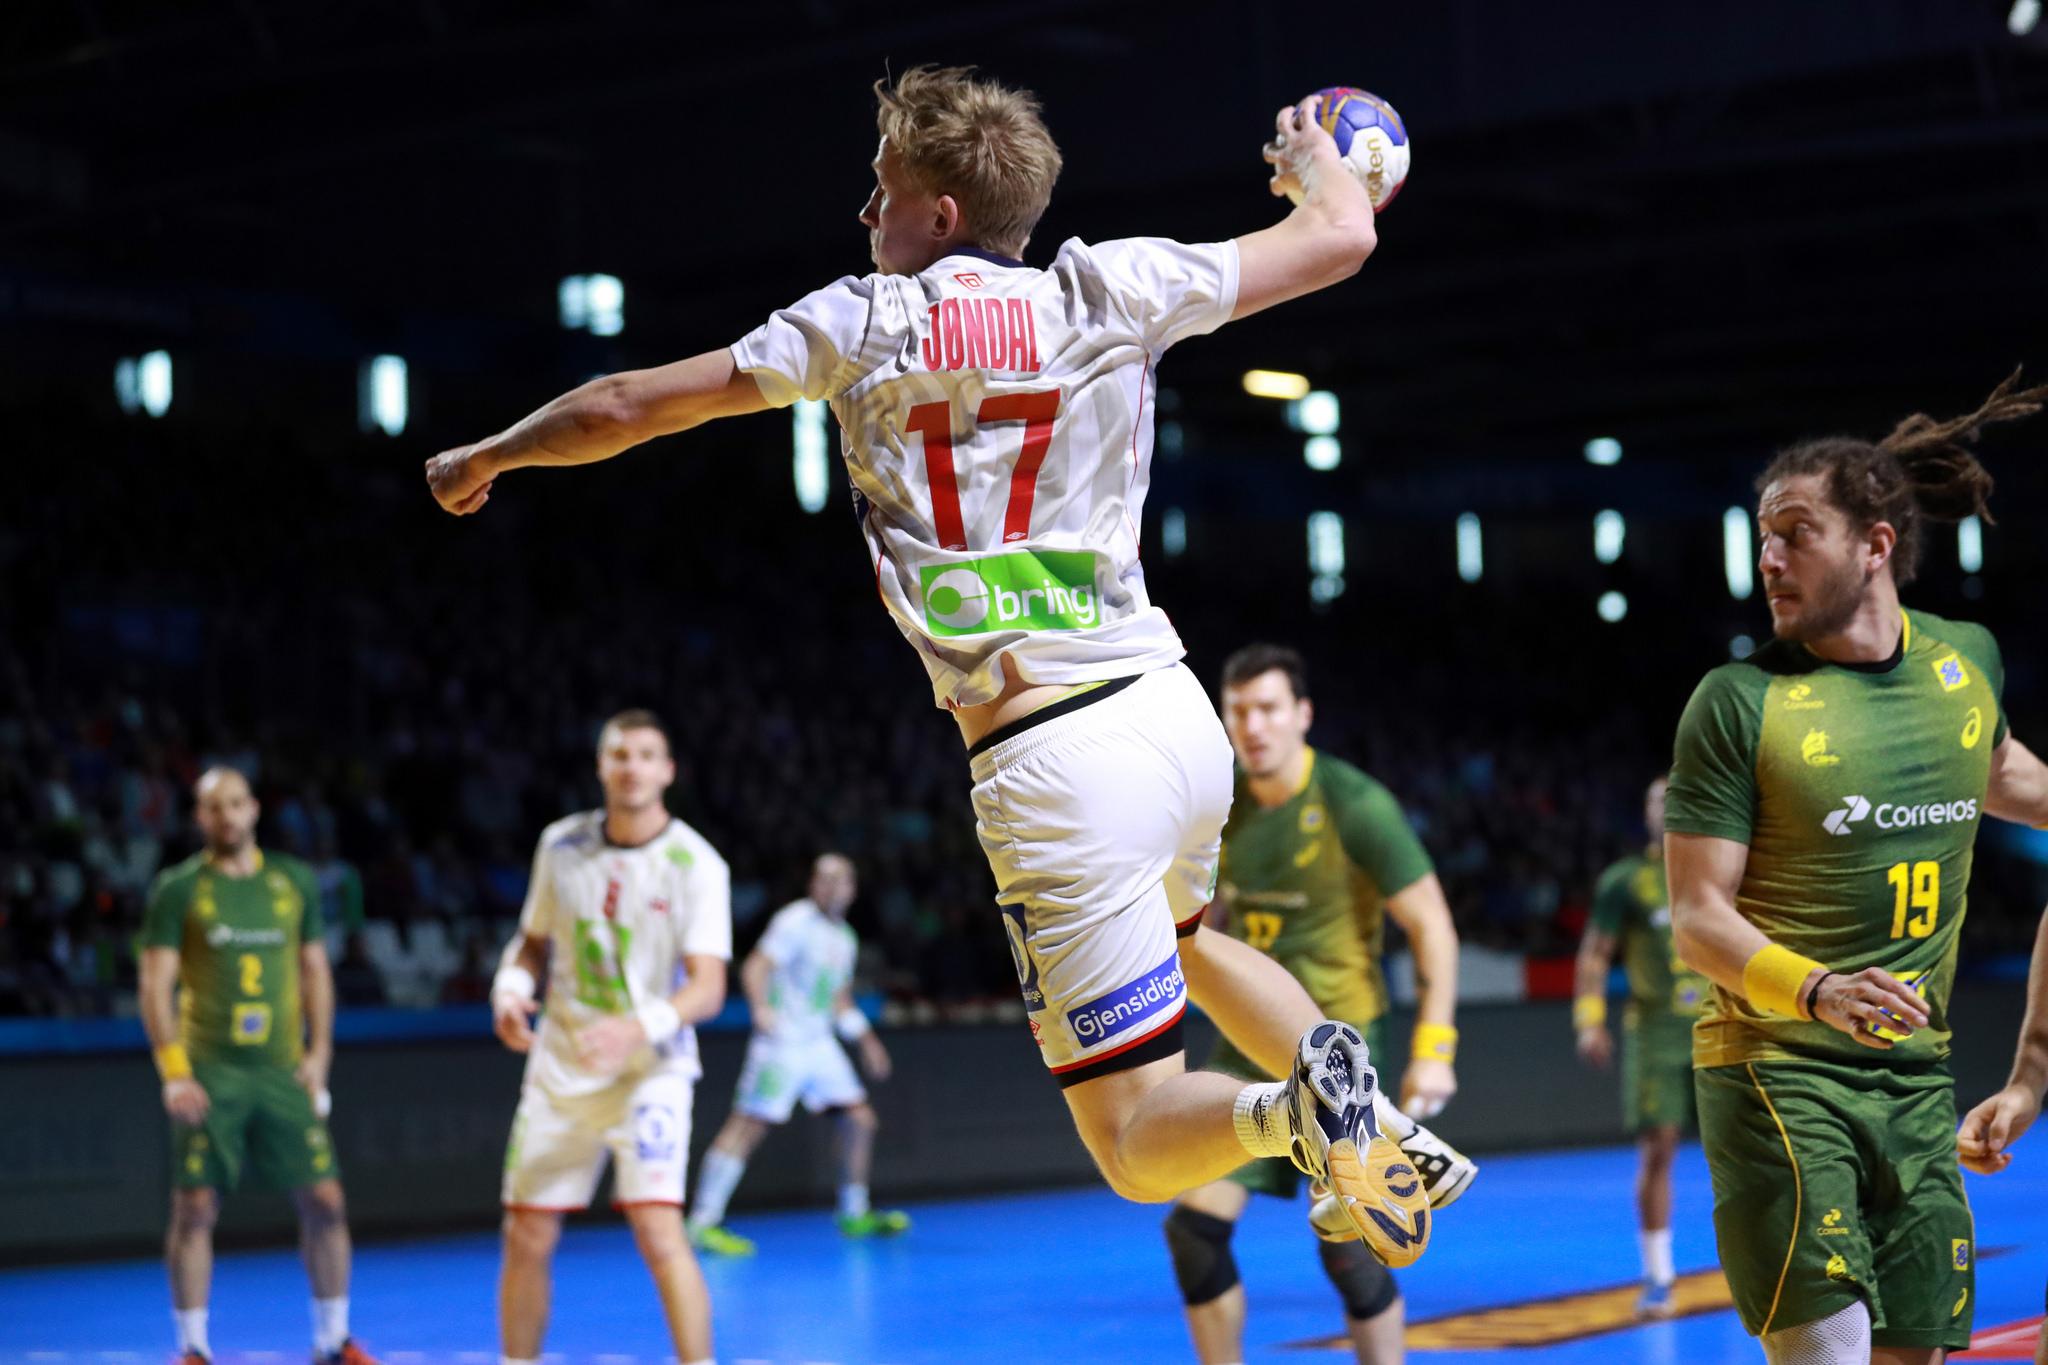 Mundial de handebol masculino - Brasil x Noruega - Pré-olímpico